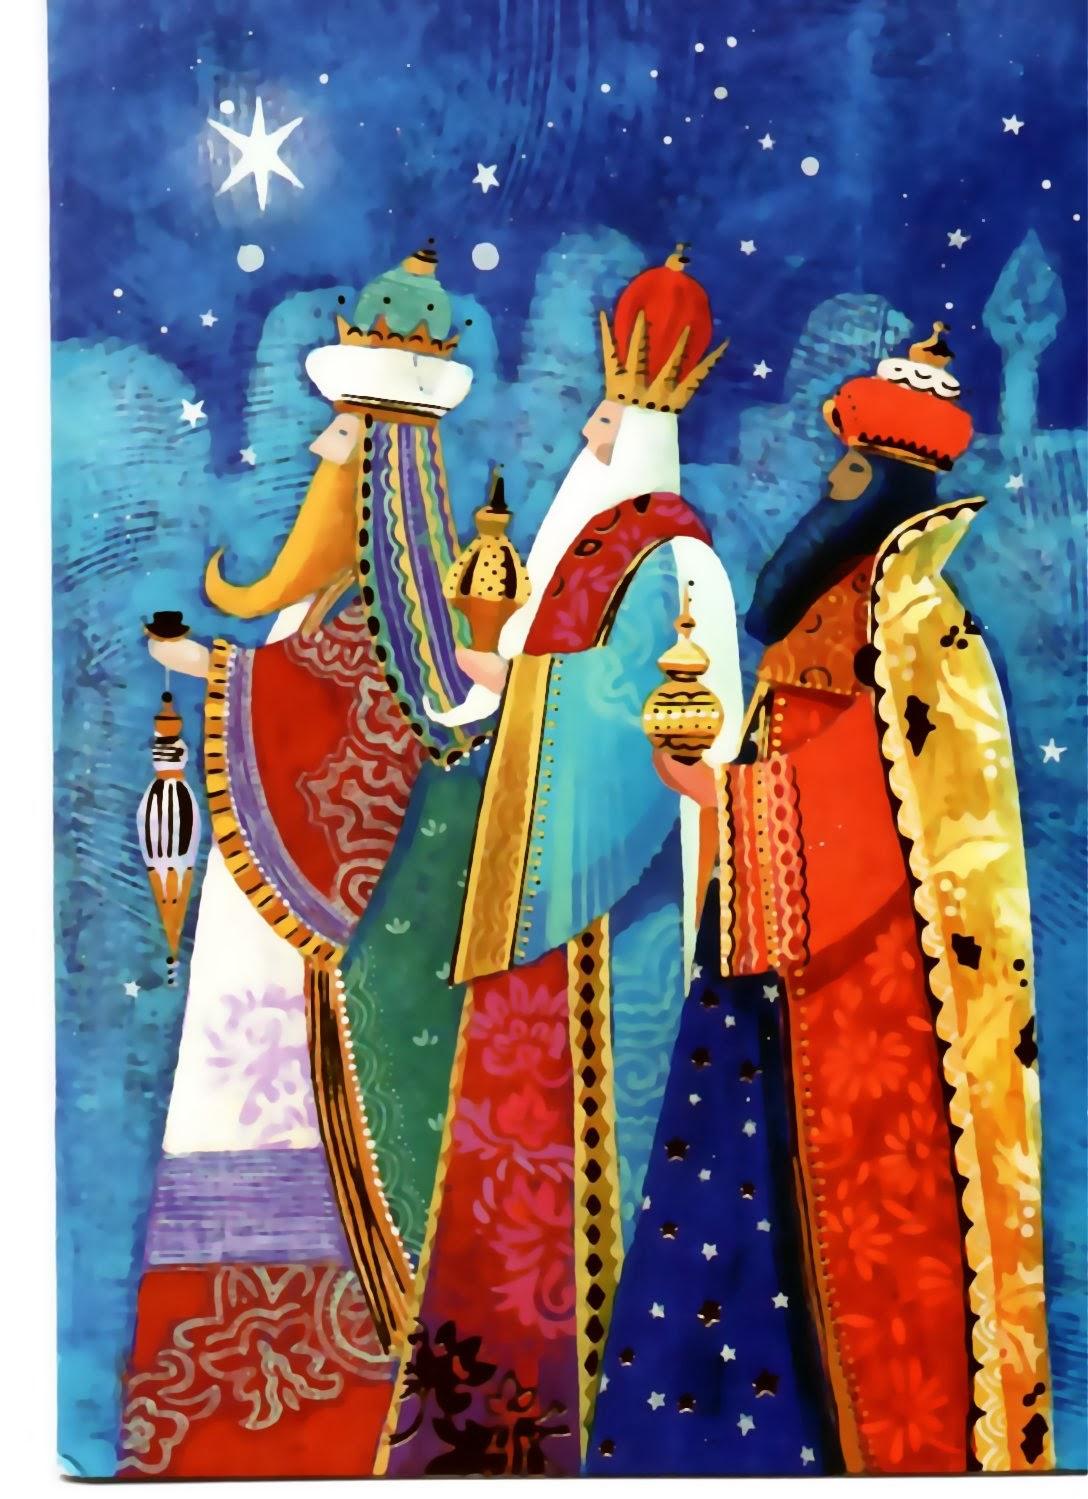 Anna nowicki textile artist january